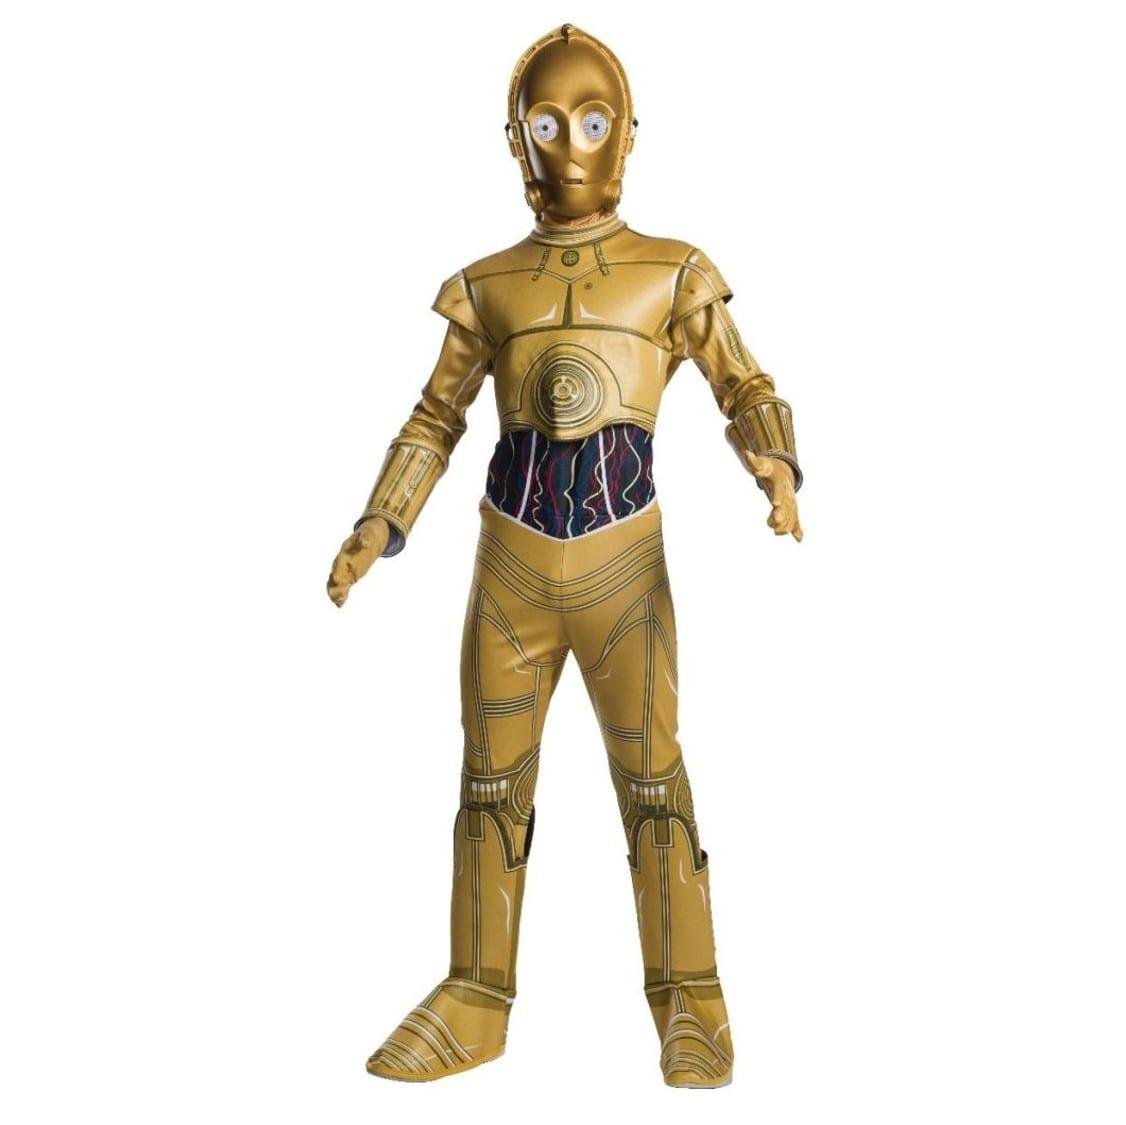 תחפושת רובוט C3PO מלחמת הכוכבים – פורים רוביס